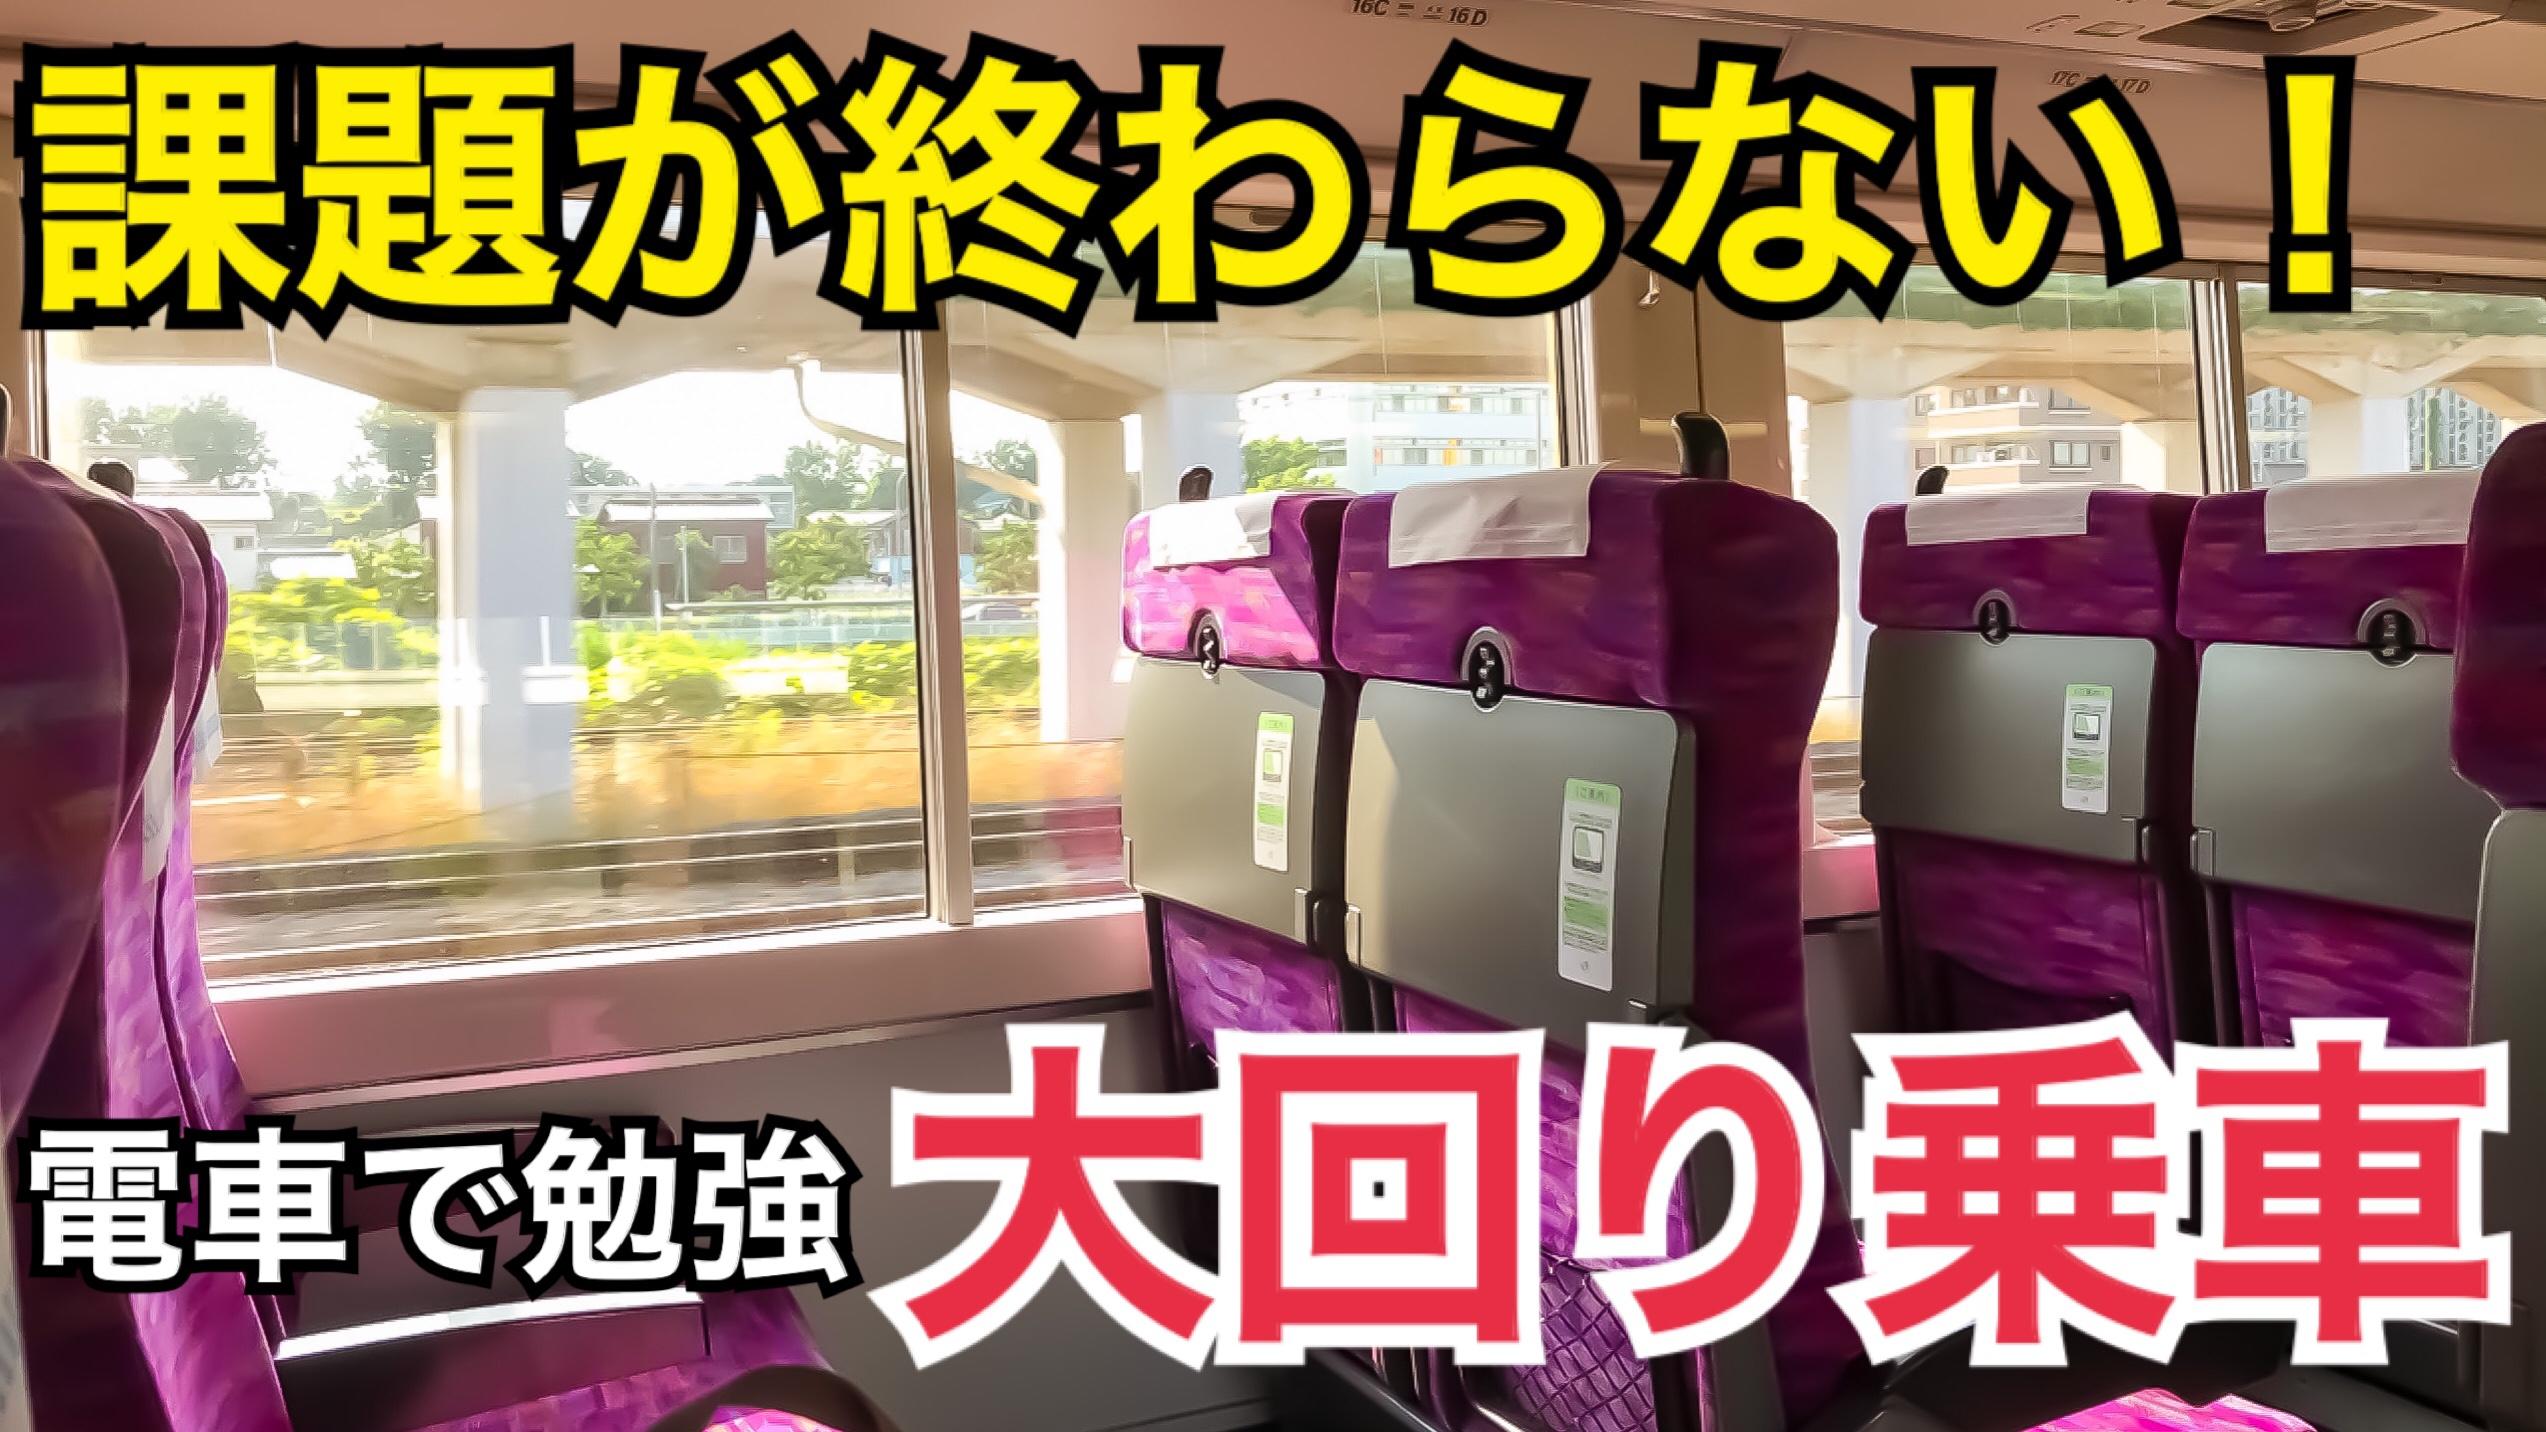 大学の課題が終わらない!そうだ大回り乗車、しよう。列車の中で勉強しよう!【課題大回り202007】